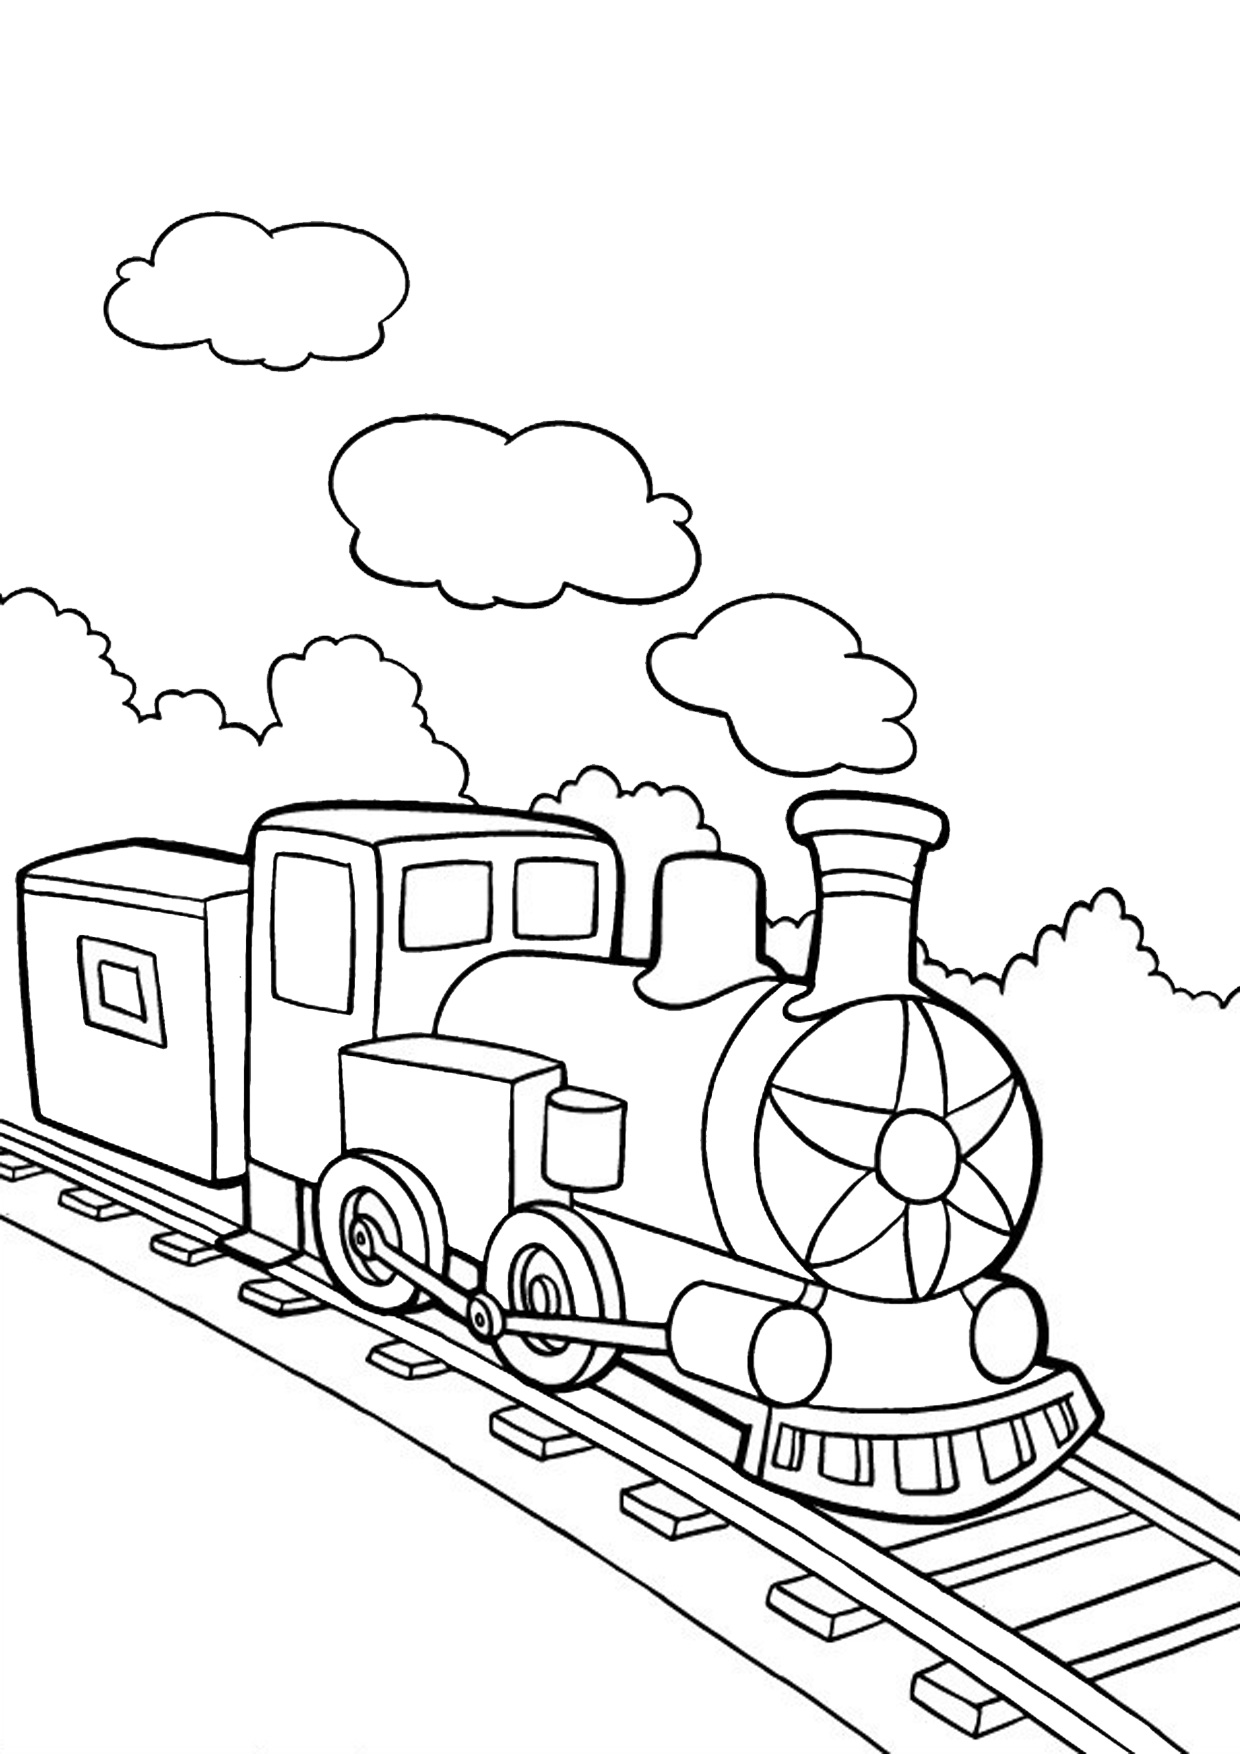 Disegno di treno cartoon da colorare 08